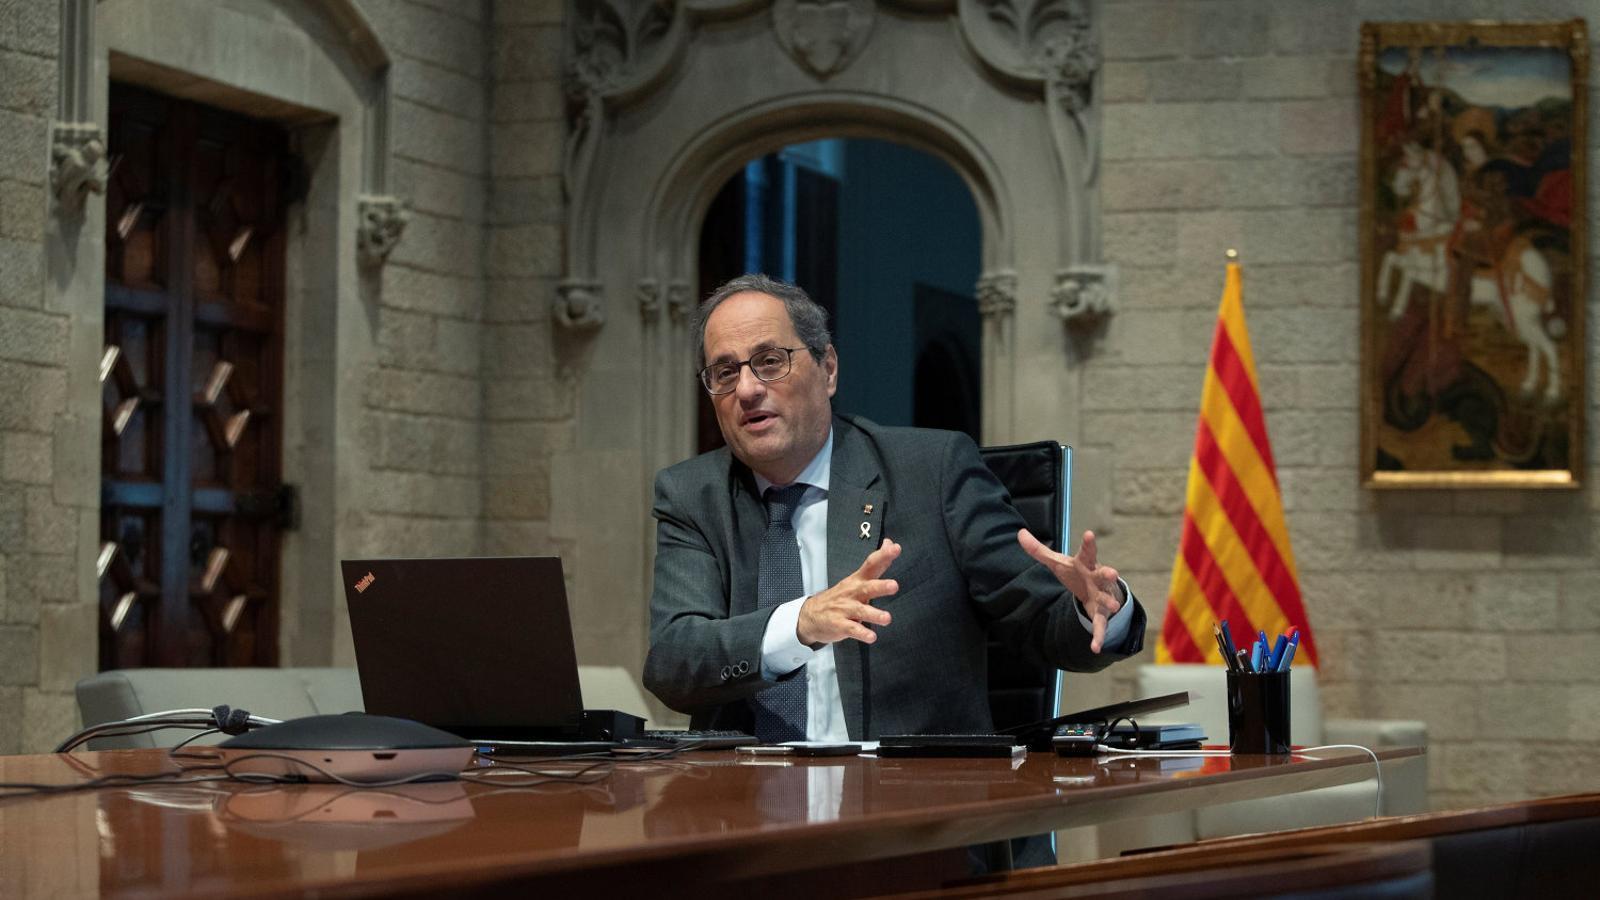 01. El president de la Generalitat, Quim Torra. 02. Una dona onejant dues banderes el 29 de febrer a Perpinyà.